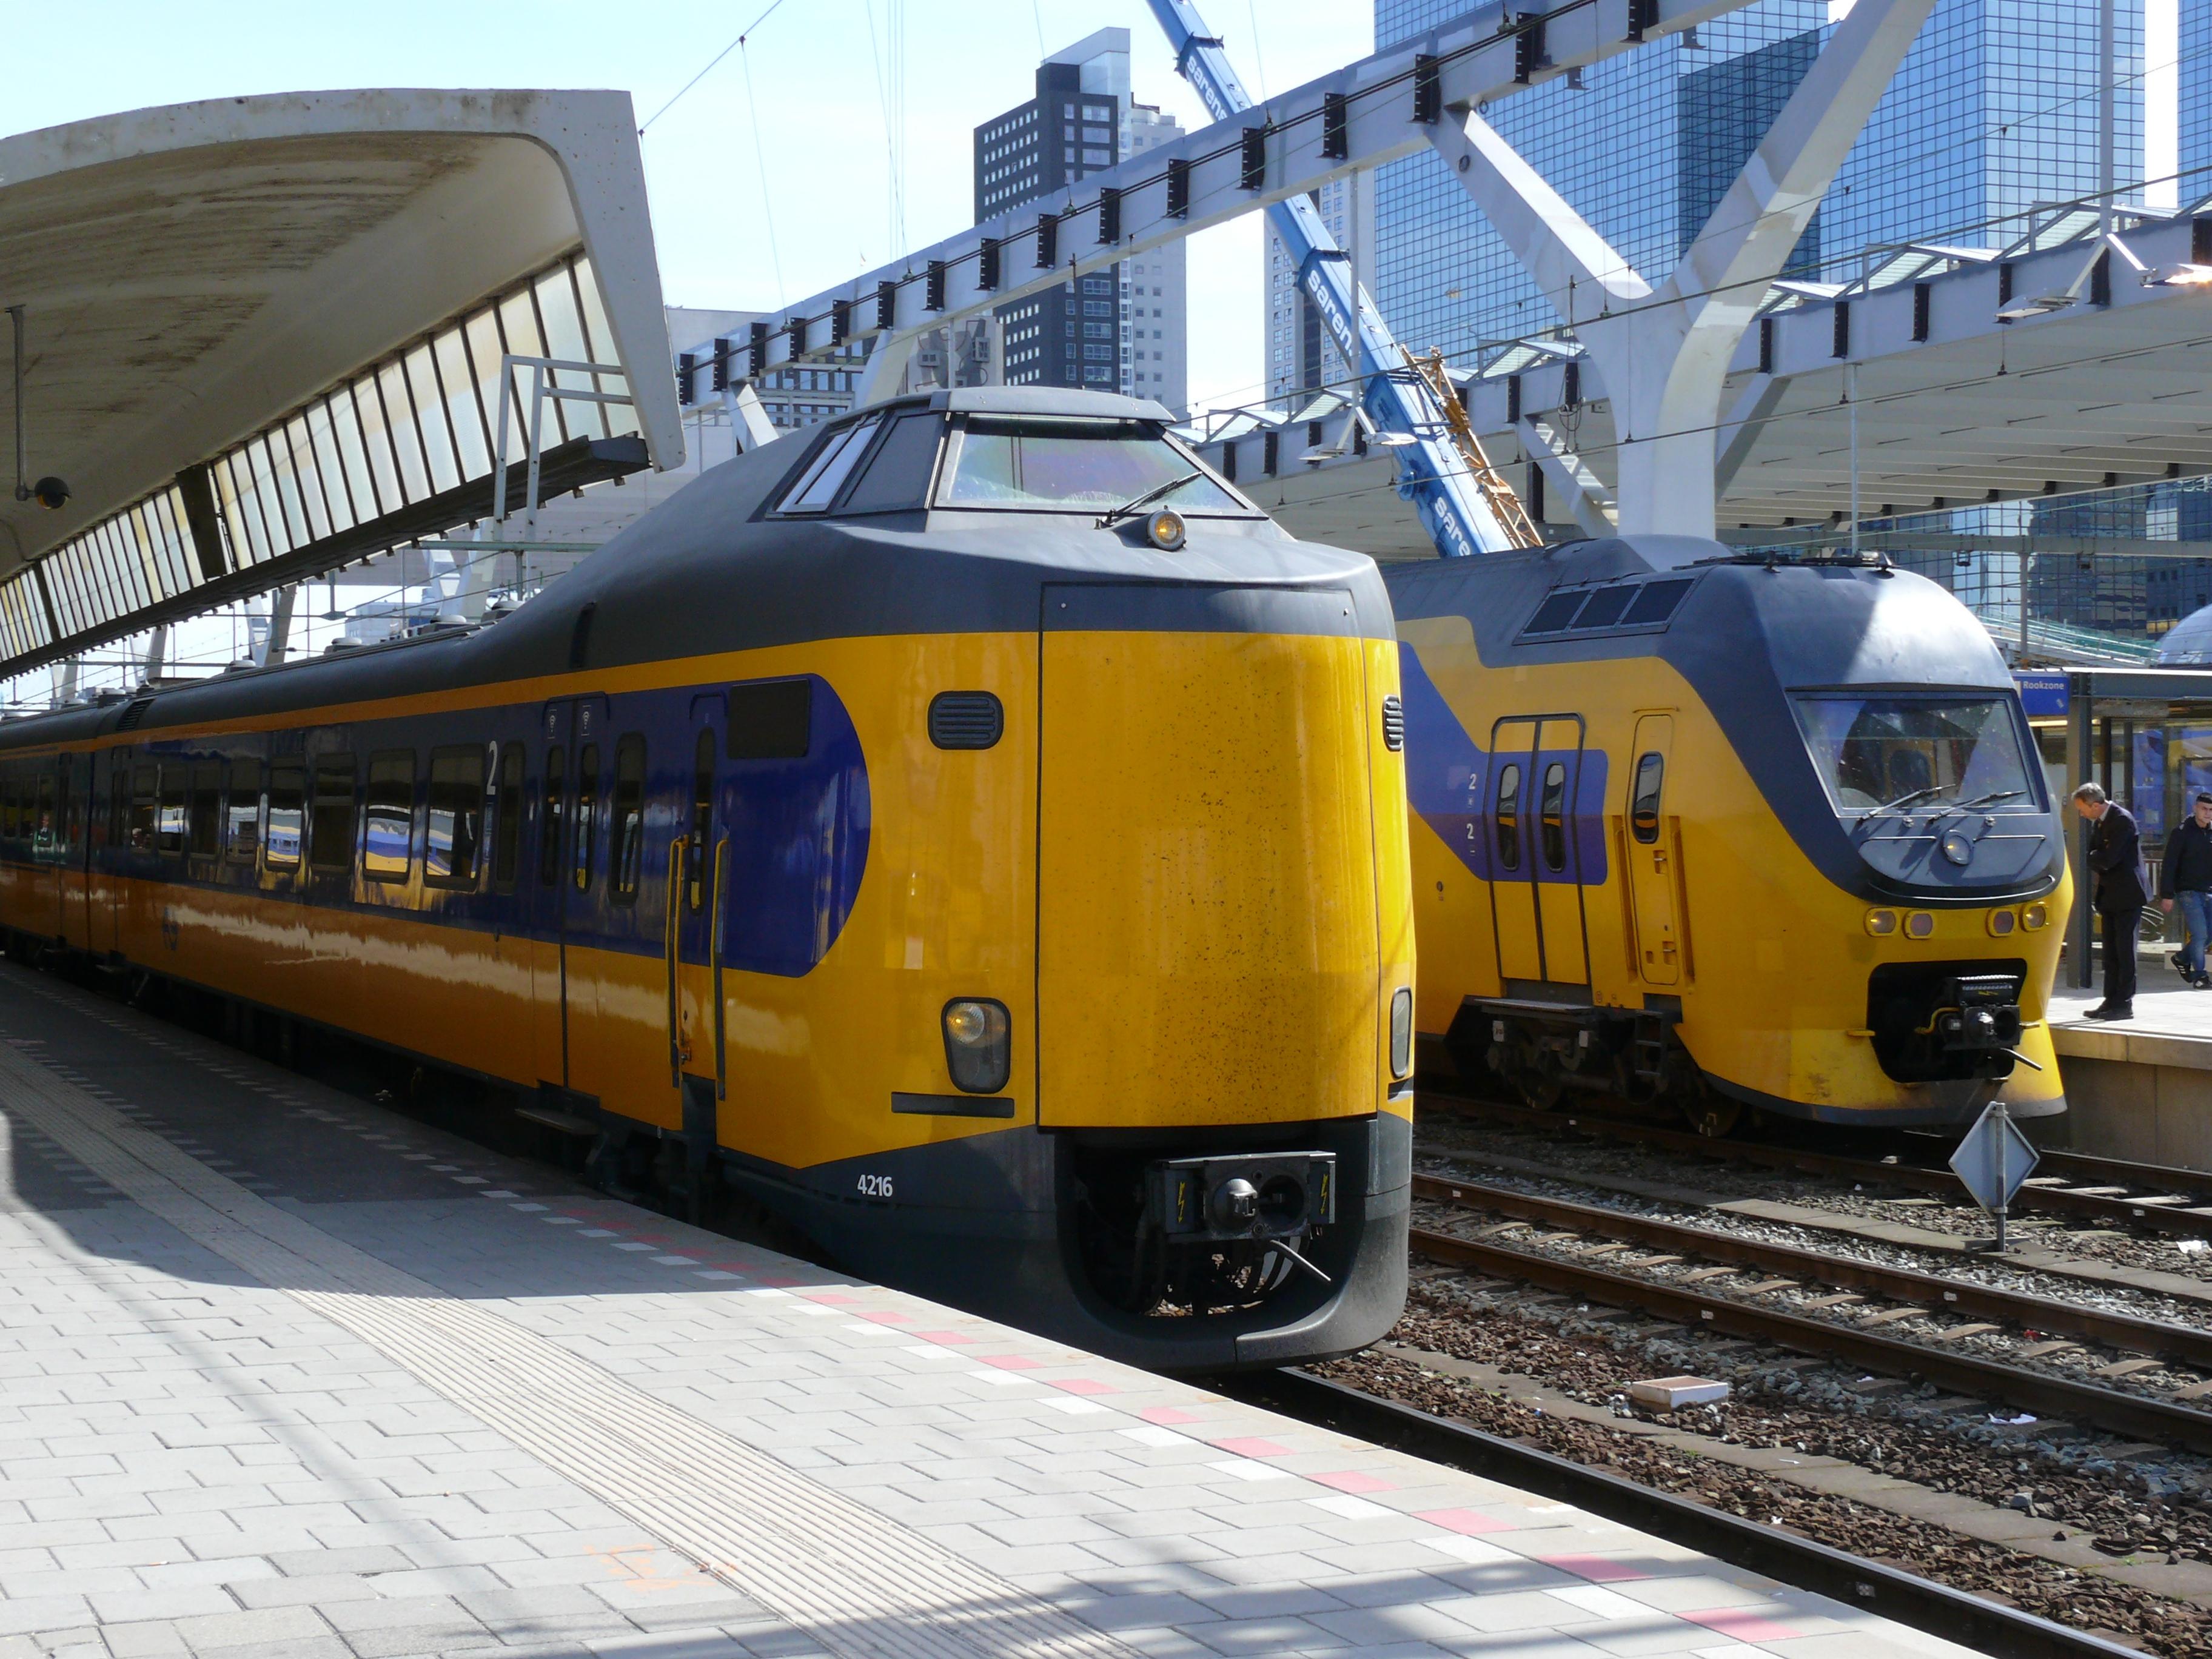 2023년, 암스테르담에서 베를린까지 기차로 걸리는 시간이 6.5시간에서 4시간으로 대폭 짧아질 예정!